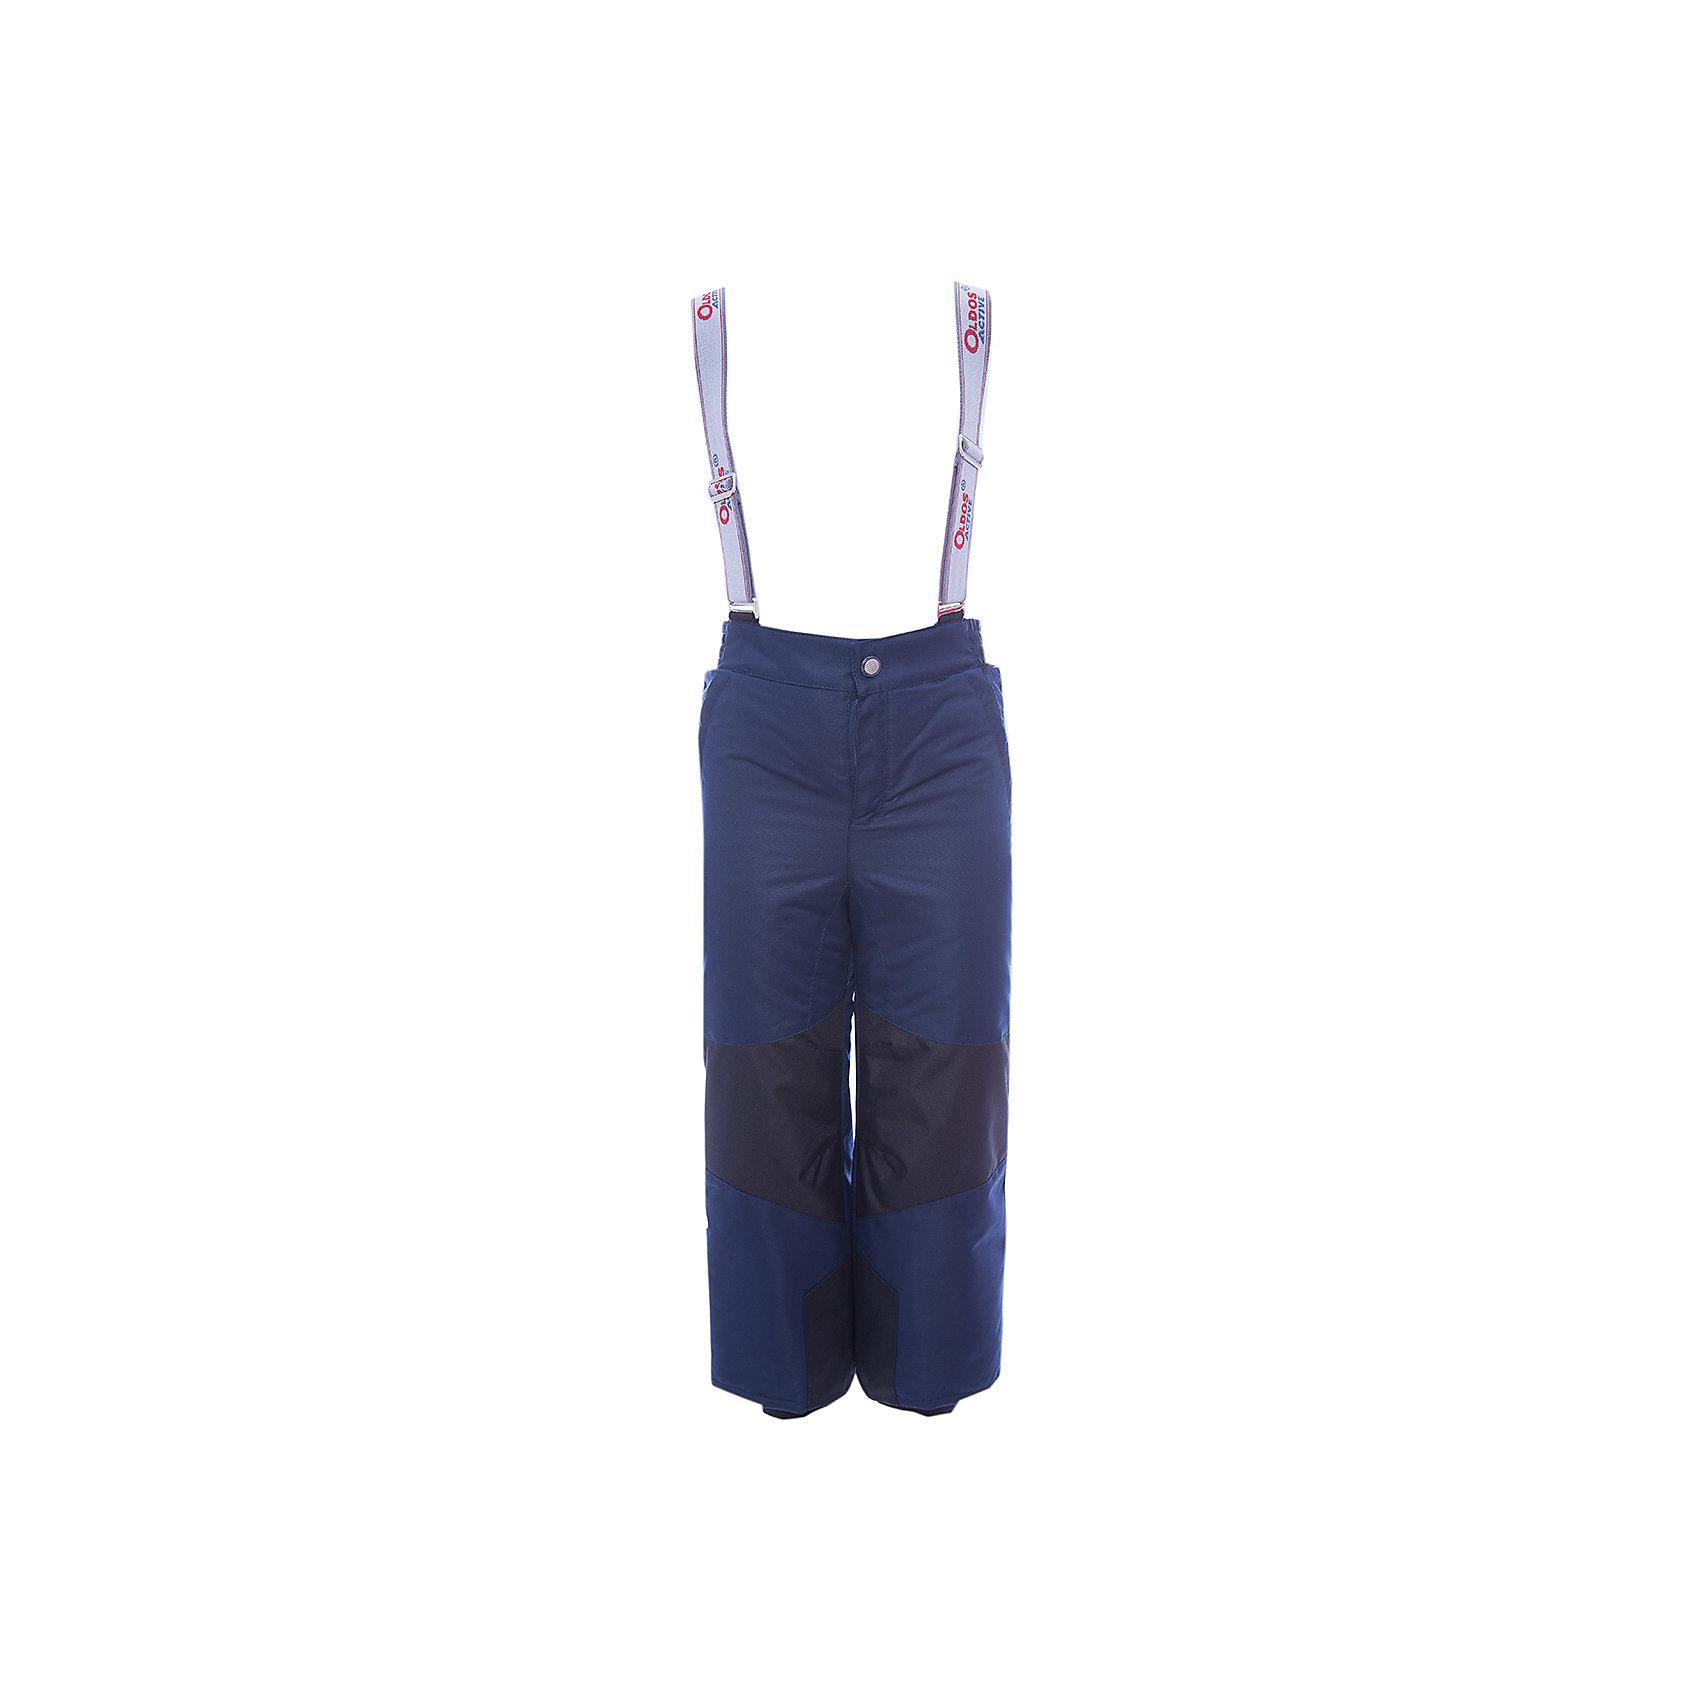 Брюки Вэйл OLDOS для мальчикаВерхняя одежда<br>Характеристики товара:<br><br>• цвет: синий<br>• состав ткани: полиэстер, Teflon<br>• подкладка: полиэстер<br>• утеплитель: Hollofan pro<br>• сезон: зима<br>• мембранное покрытие<br>• температурный режим: от -30 до +5<br>• водонепроницаемость: 5000 мм <br>• паропроницаемость: 5000 г/м2<br>• плотность утеплителя: 150 г/м2<br>• застежка: молния, кнопка, липучка<br>• спинка с лямками: съемные<br>• износостойкая ткань по низу брючин<br>• страна бренда: Россия<br>• страна изготовитель: Россия<br><br>В теплых детских брюках - тонкий гипоаллергенный утеплитель, который отлично удерживает тепло. Мембранный верх брюк создает комфортный для ребенка микроклимат. Практичные зимние брюки Oldos имеют противоснежные муфты с антискользящей резинкой, усиление от износа и съемную спинку с регулируемыми лямками.<br><br>Брюки Вэйл Oldos (Олдос) для мальчика можно купить в нашем интернет-магазине.<br><br>Ширина мм: 215<br>Глубина мм: 88<br>Высота мм: 191<br>Вес г: 336<br>Цвет: синий<br>Возраст от месяцев: 84<br>Возраст до месяцев: 96<br>Пол: Мужской<br>Возраст: Детский<br>Размер: 128,134,140,146,152,92,98,104,110,116,122<br>SKU: 7015913